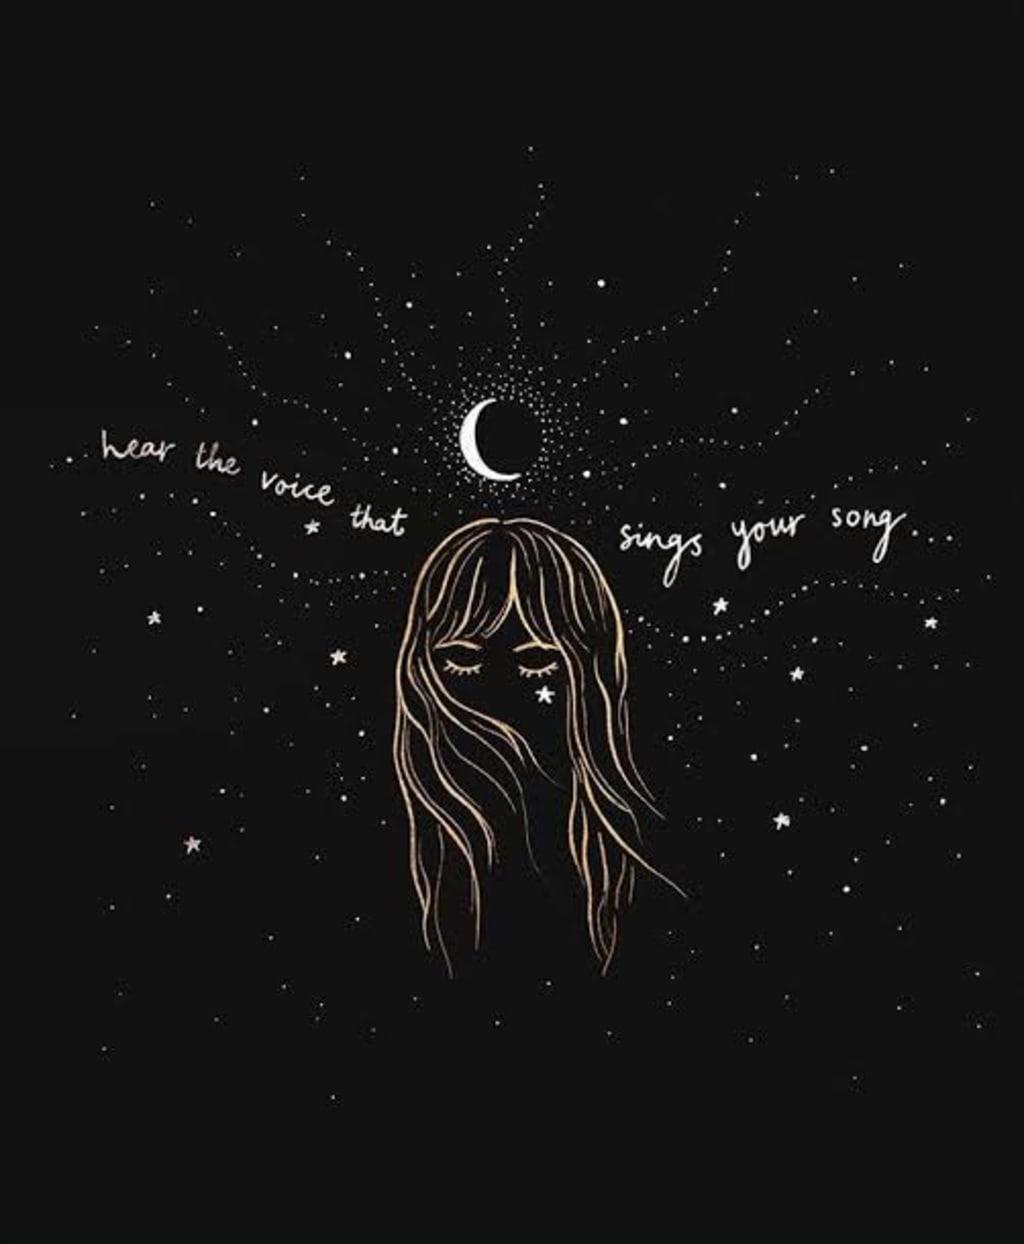 Broken imagination